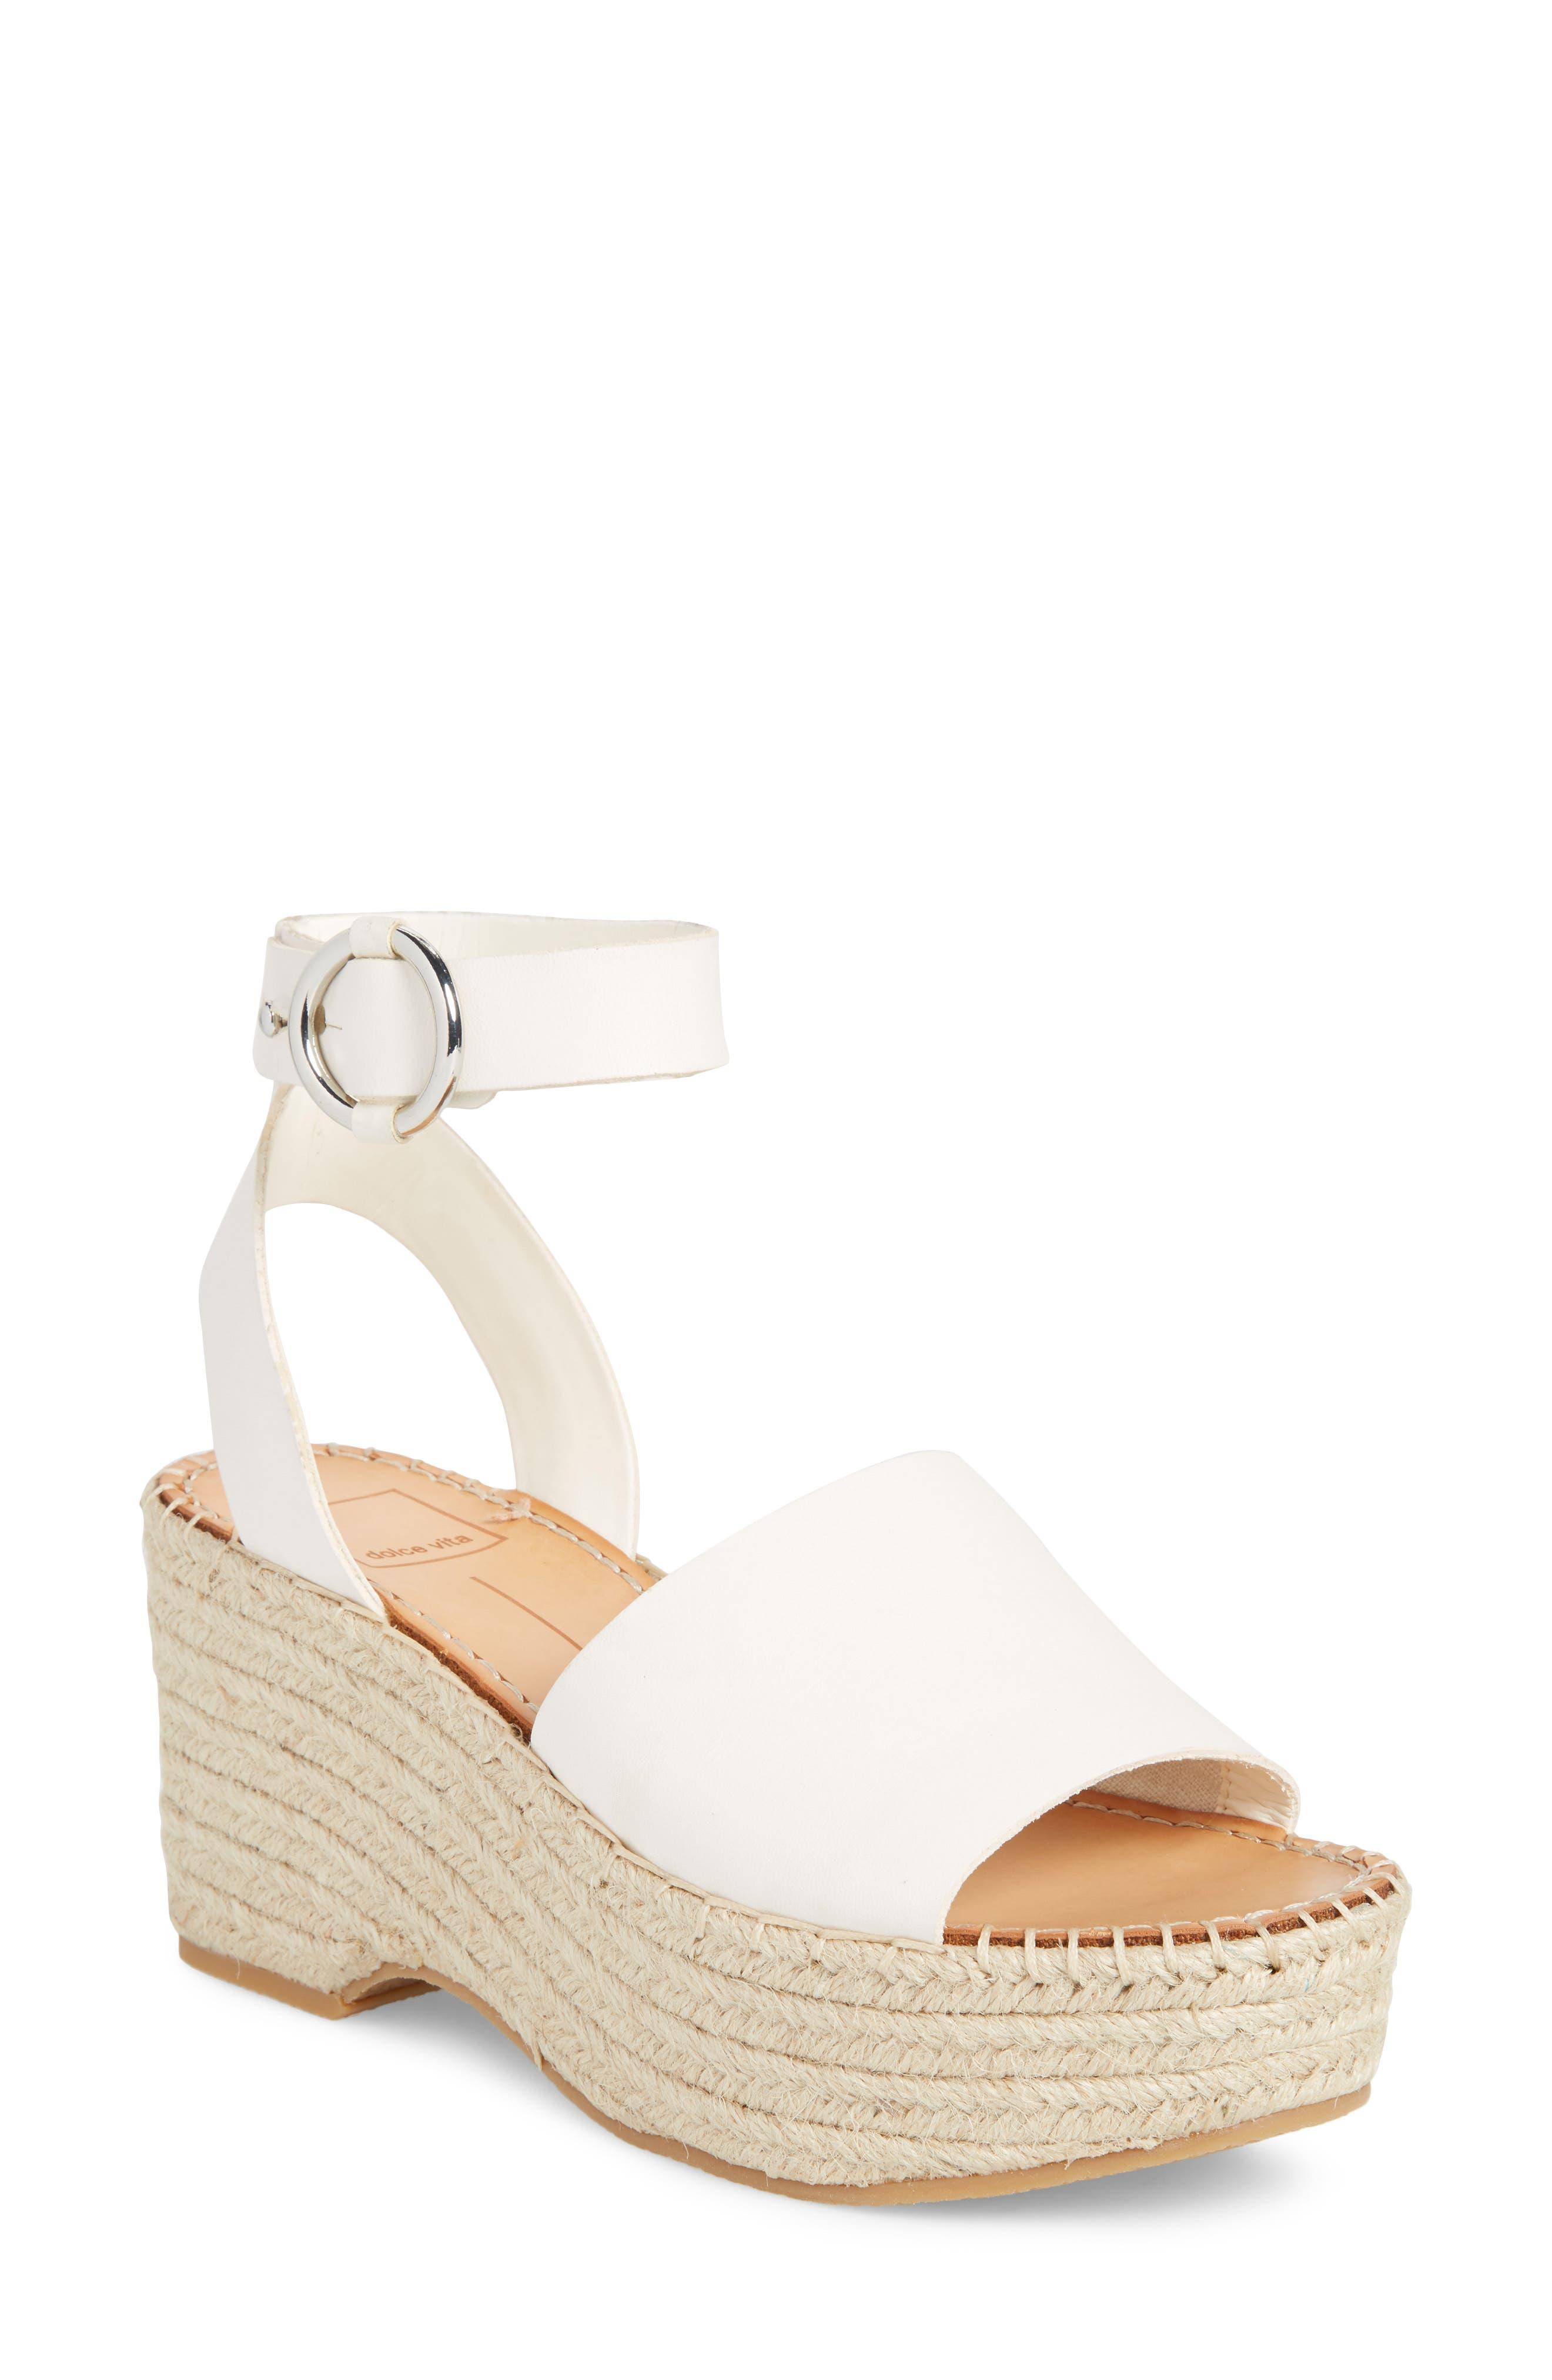 Lesly Espadrille Platform Sandal,                         Main,                         color, Off White